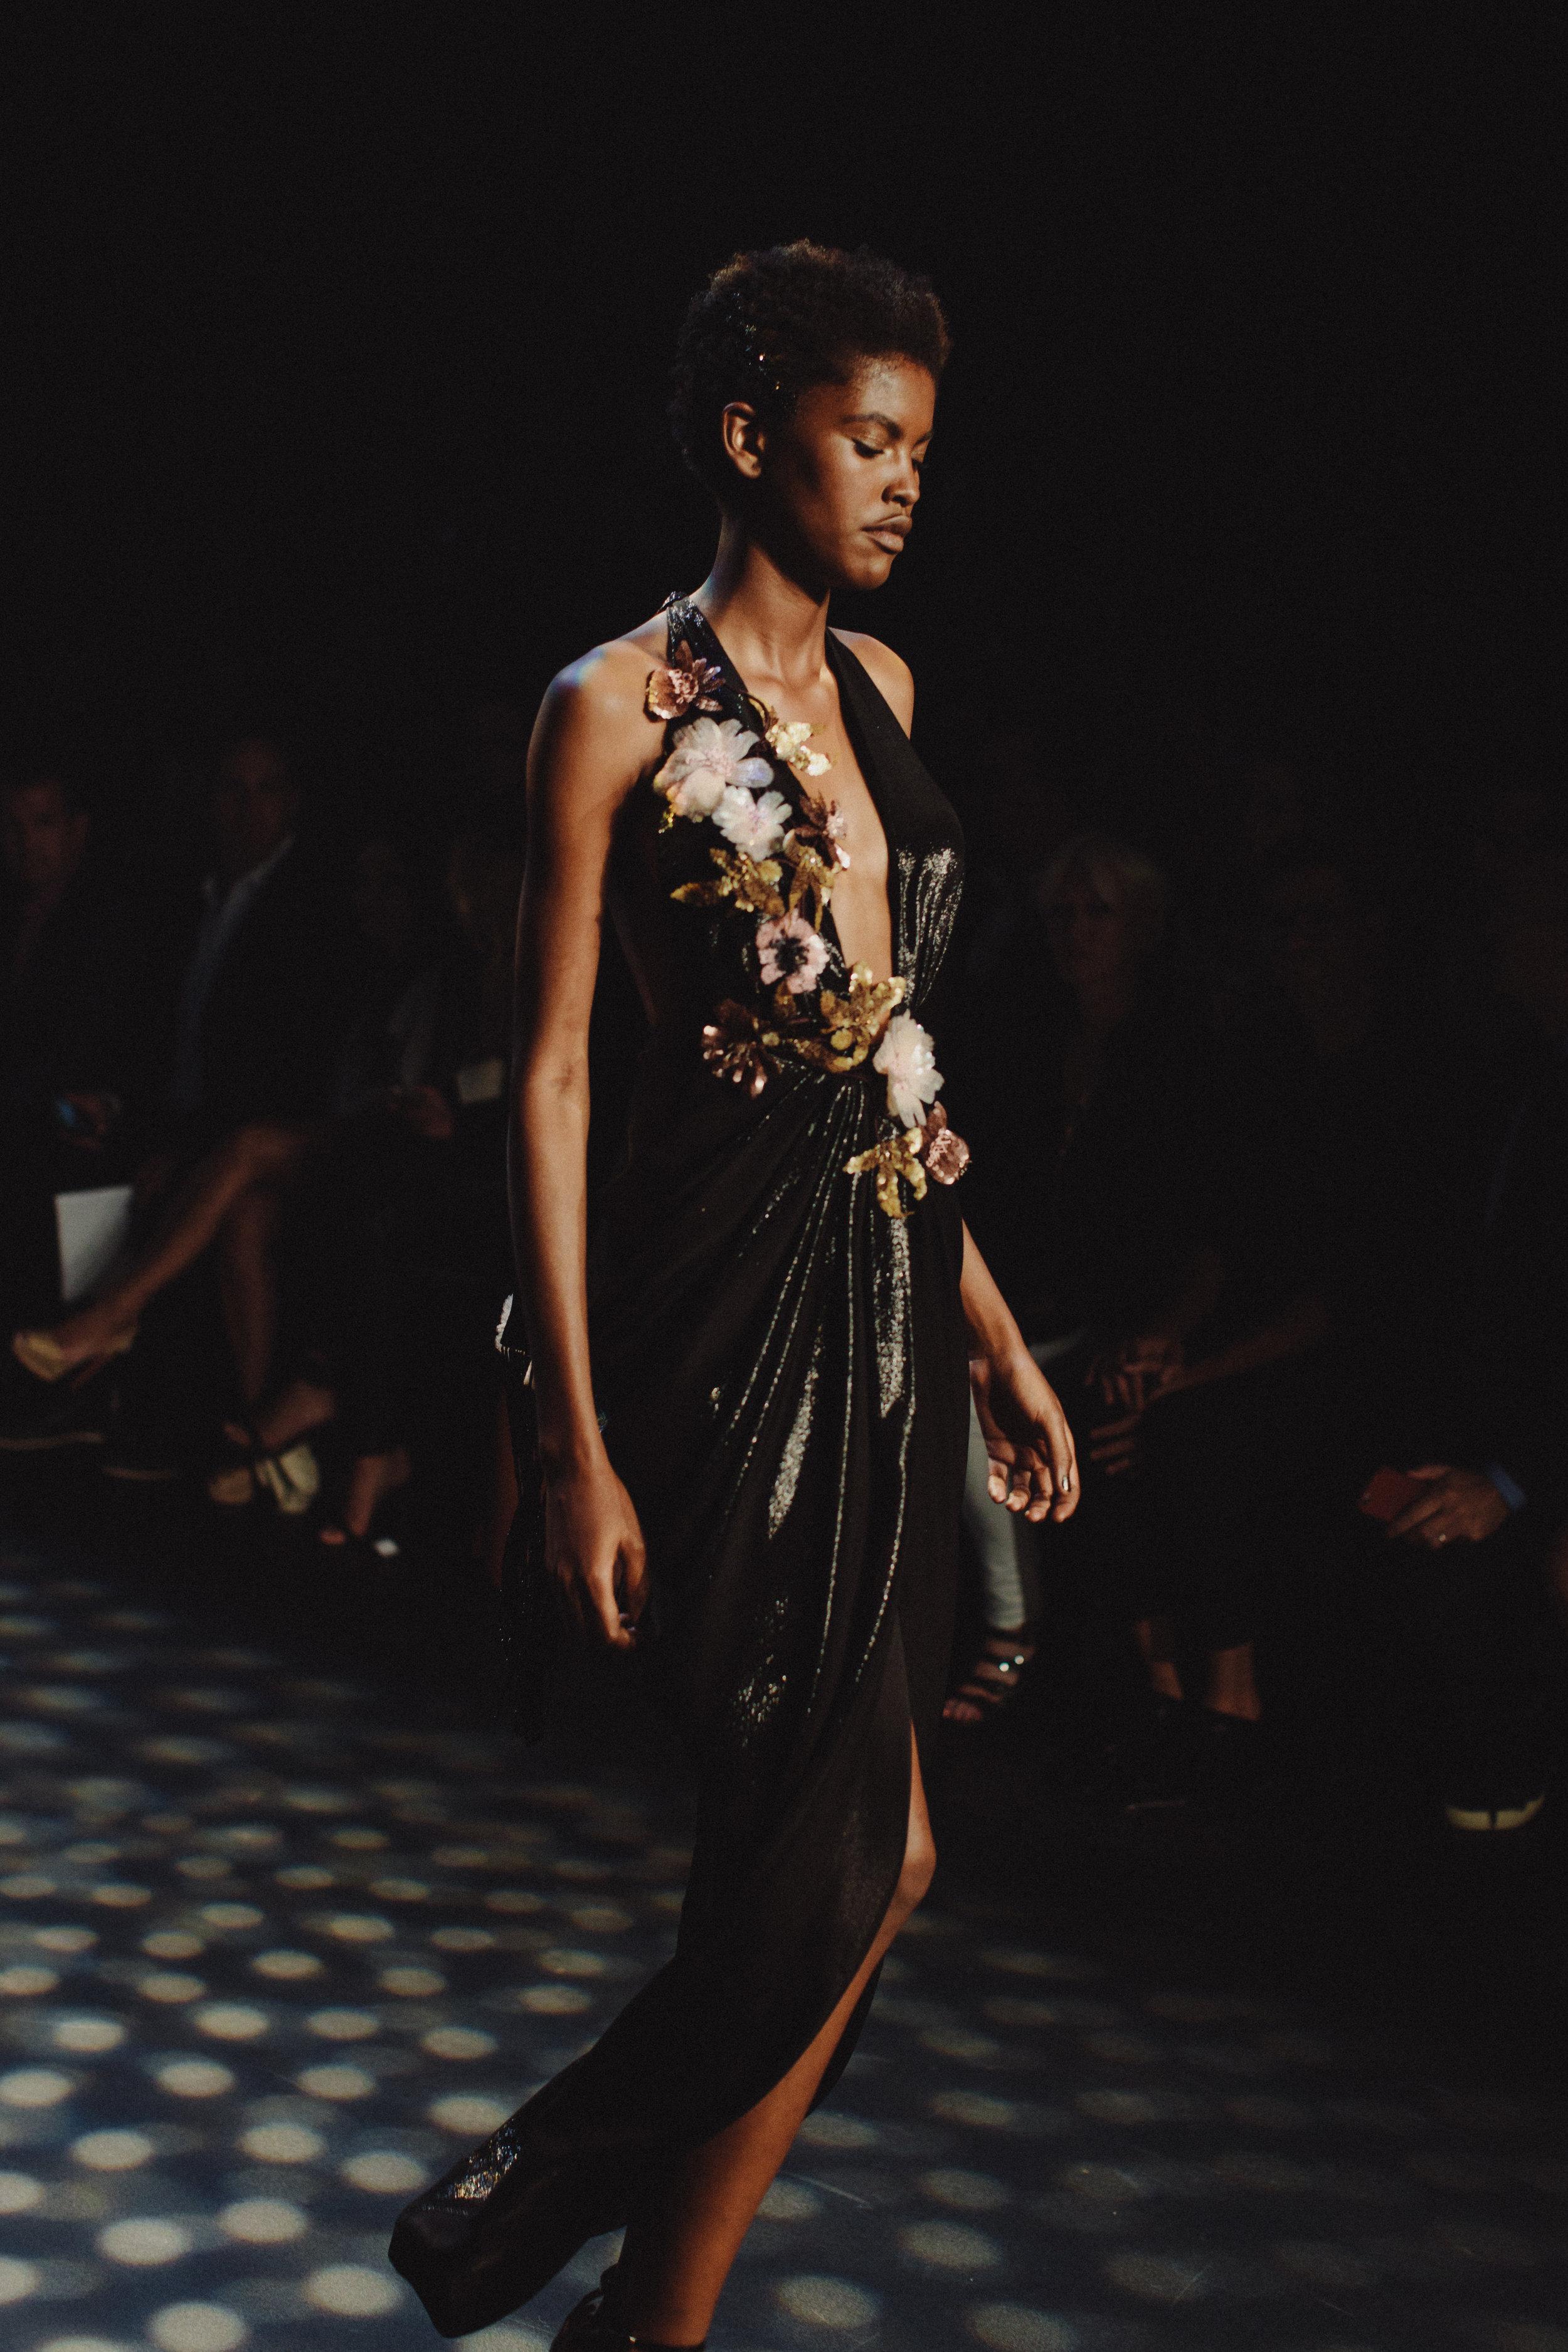 marchesa fashion-1-3.jpg